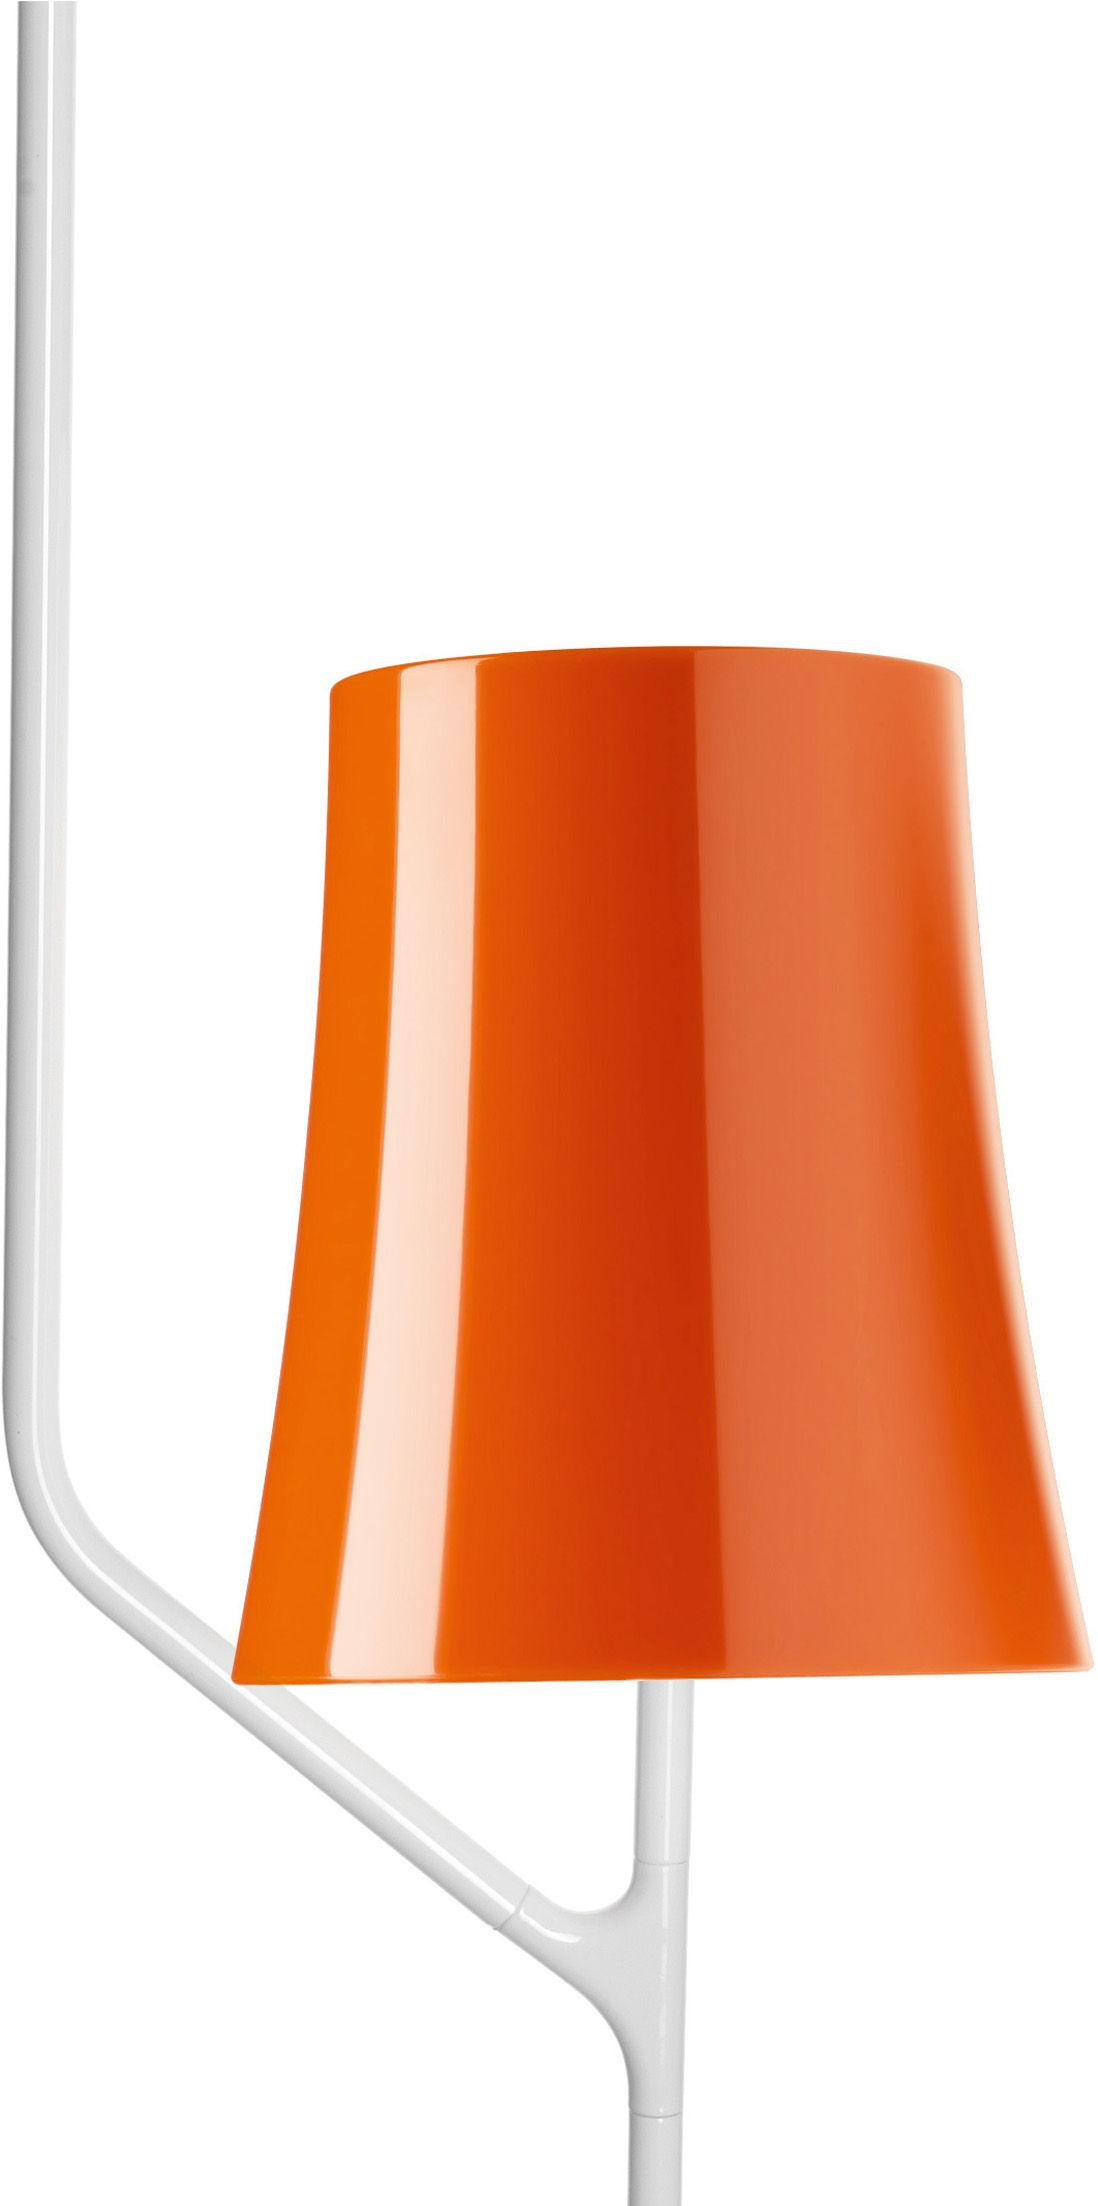 Leuchten - Pendelleuchten - Birdie Pendelleuchte 1 Arm - feste Höhe - Foscarini - 1 Arm - Orange - klarlackbeschichteter rostfreier Stahl, Polykarbonat